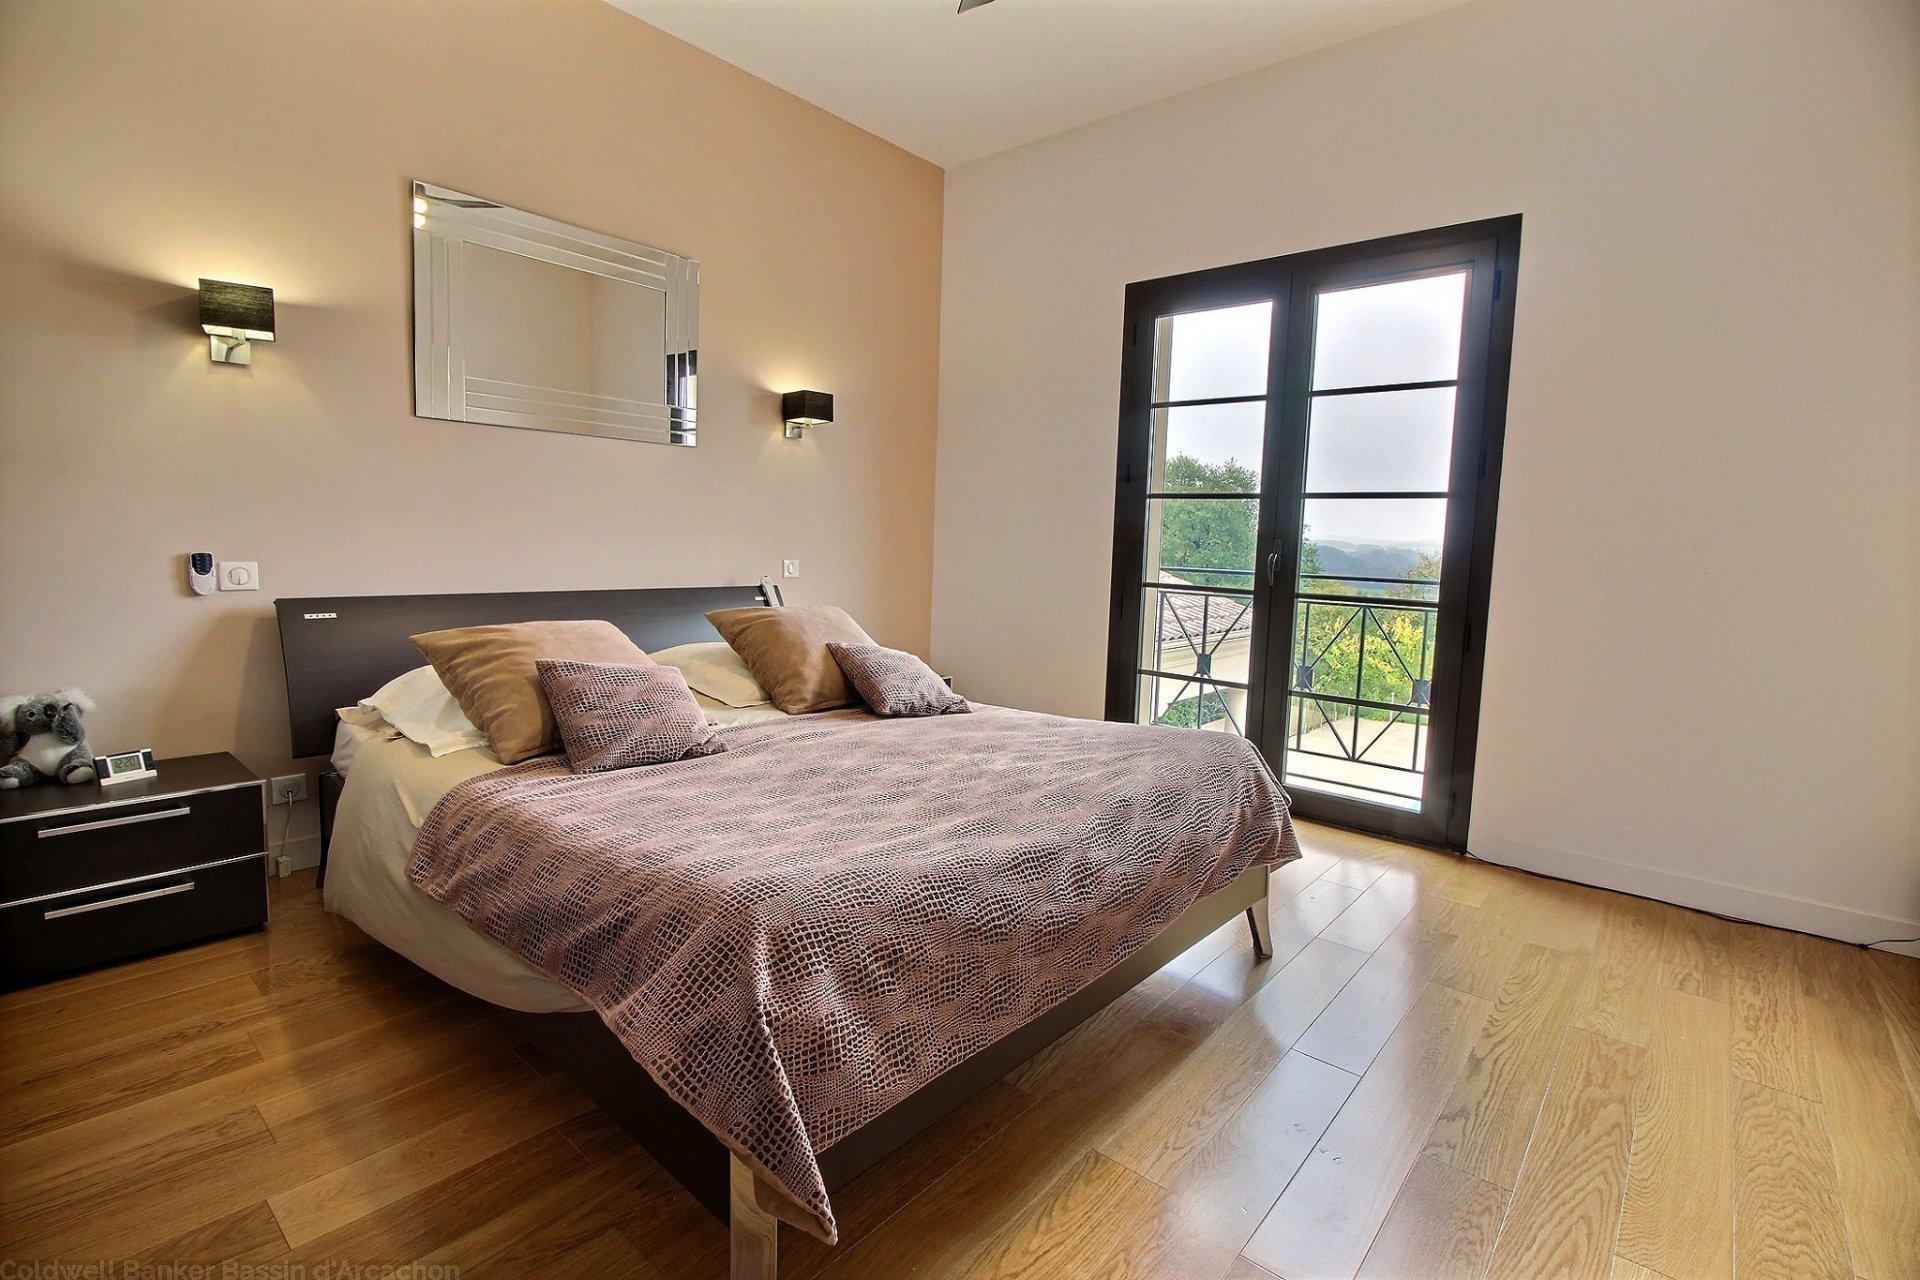 Achat villa haut de gamme 6 chambres avec piscine dordogne proche perigueux trélissac